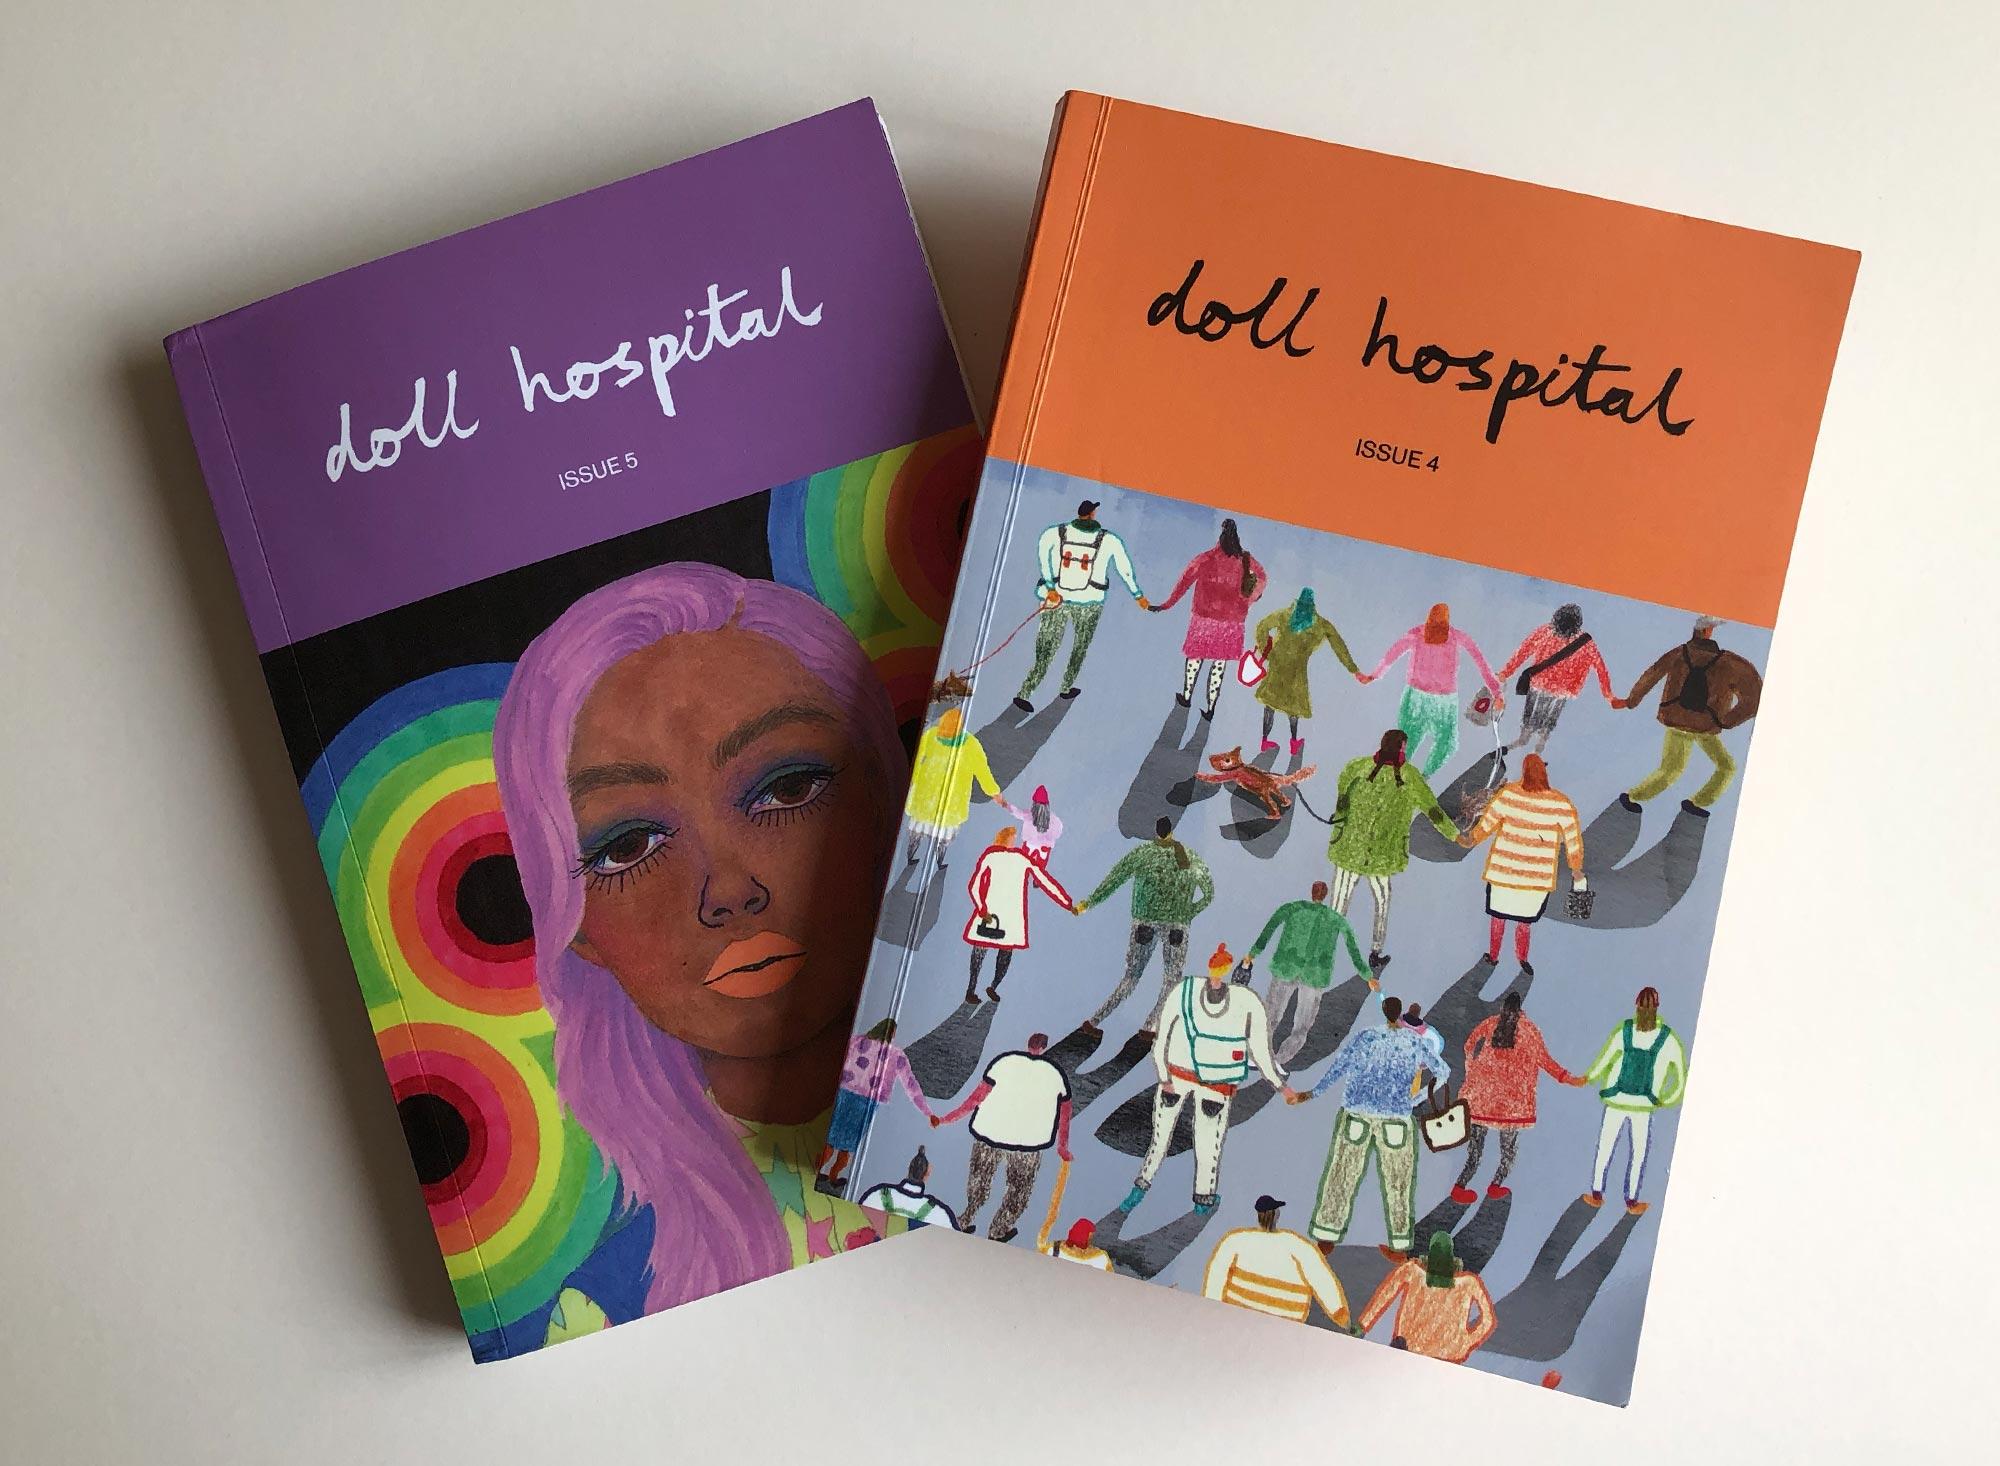 Doll Hospital - Header